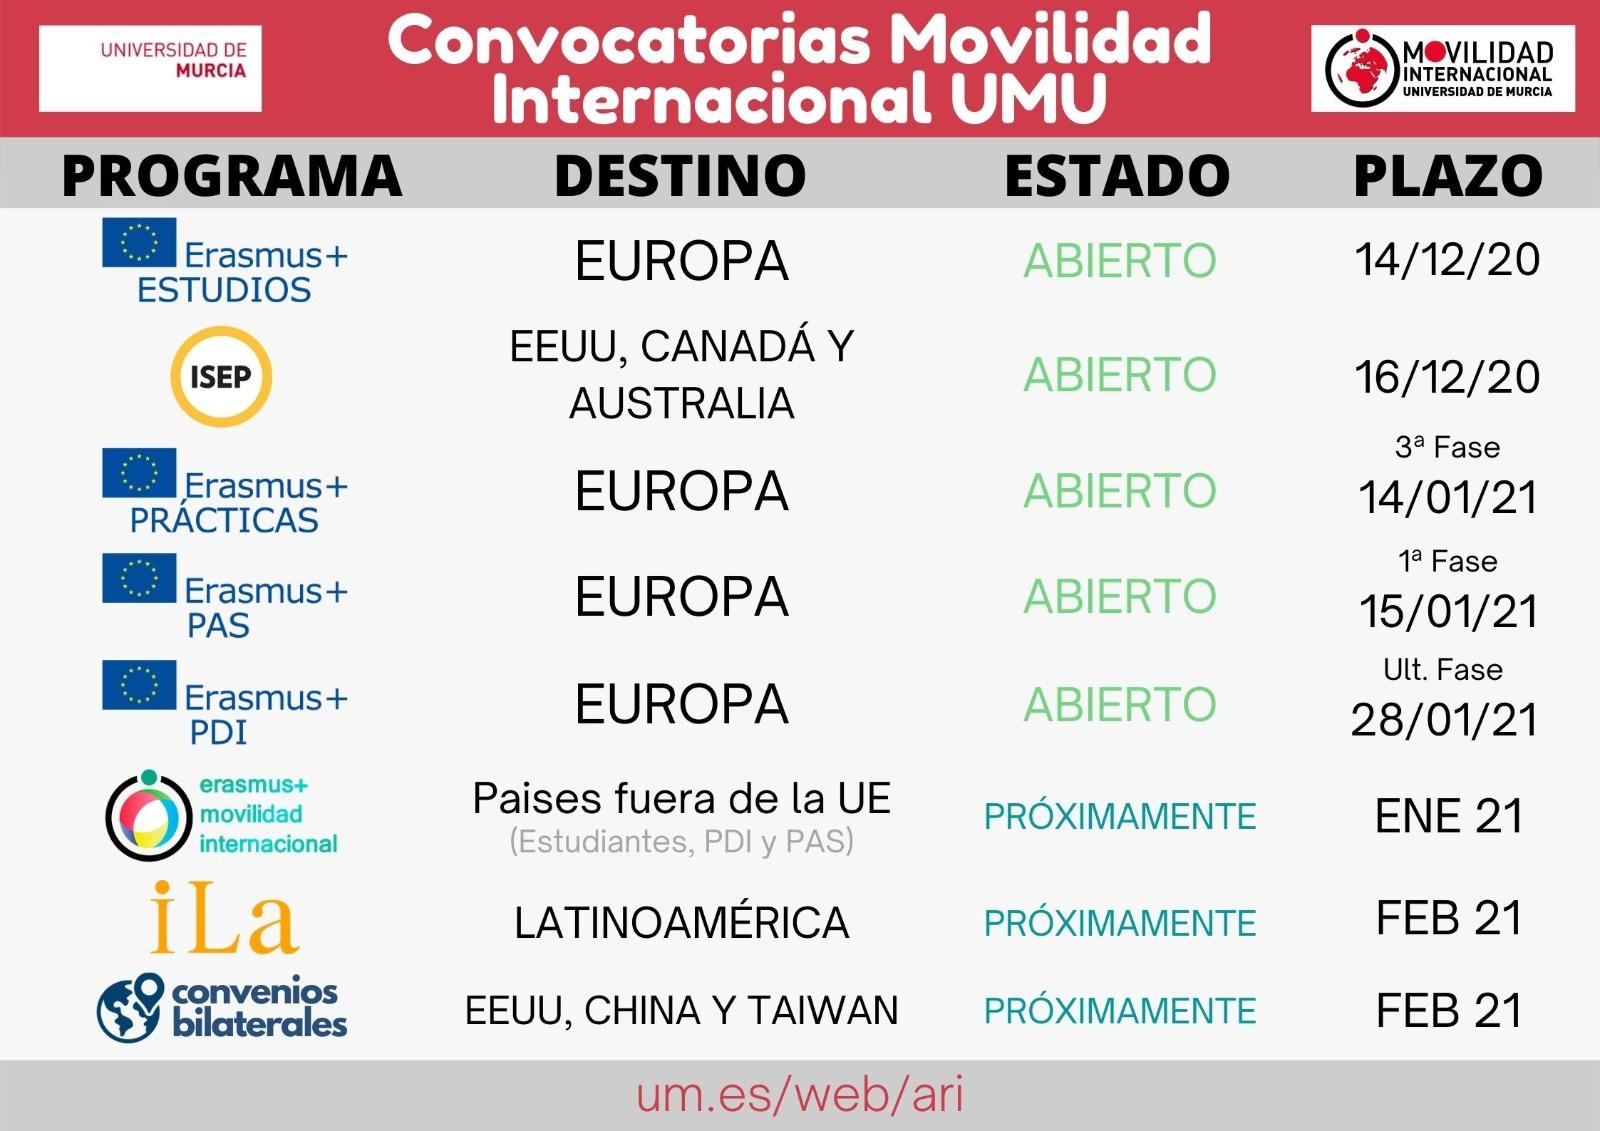 Convocatorias abiertas de movilidad internacional de la Universidad de Murcia